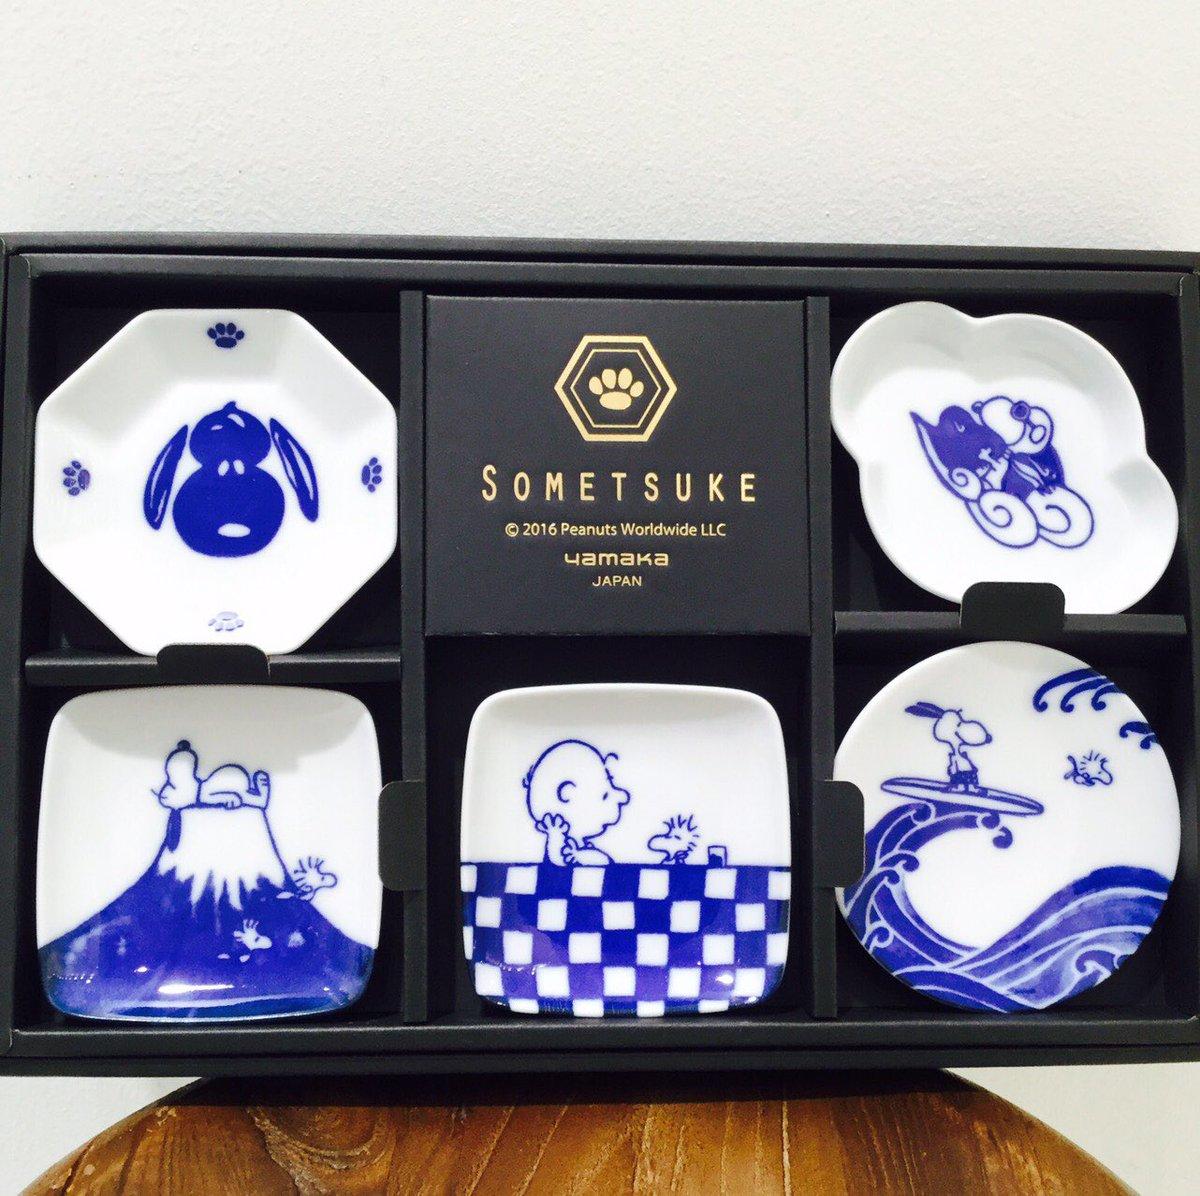 ⁂【豆皿揃 ¥3,000+tax】スヌーピーには珍しい藍色で和テイストの豆皿🐶🐾シンプルなのでいろんなシーンで活躍してく